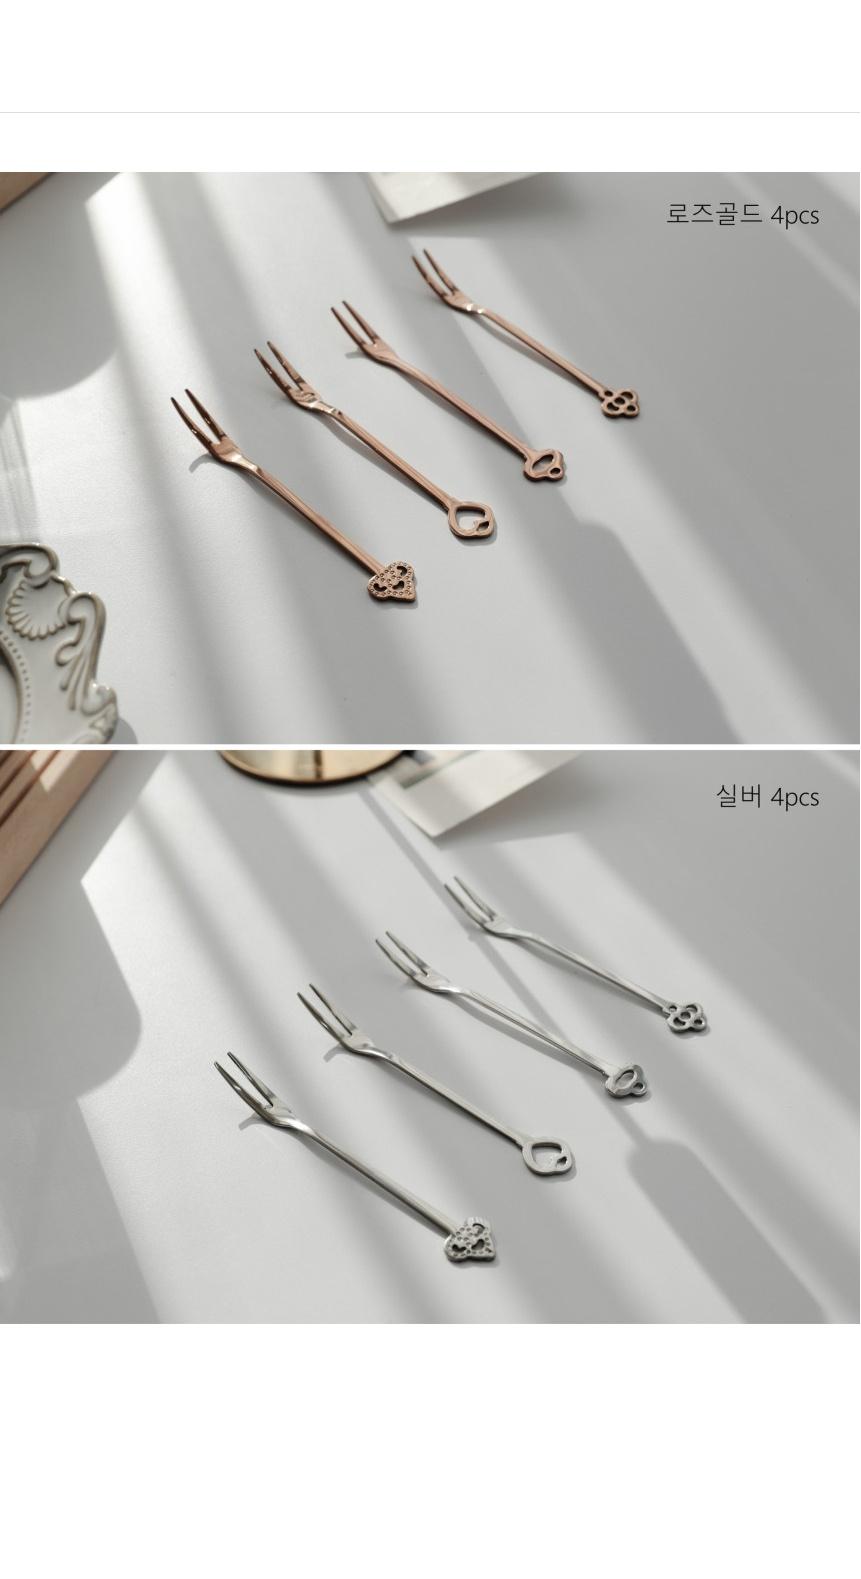 antique_handlepoint_fork_set_03.jpg